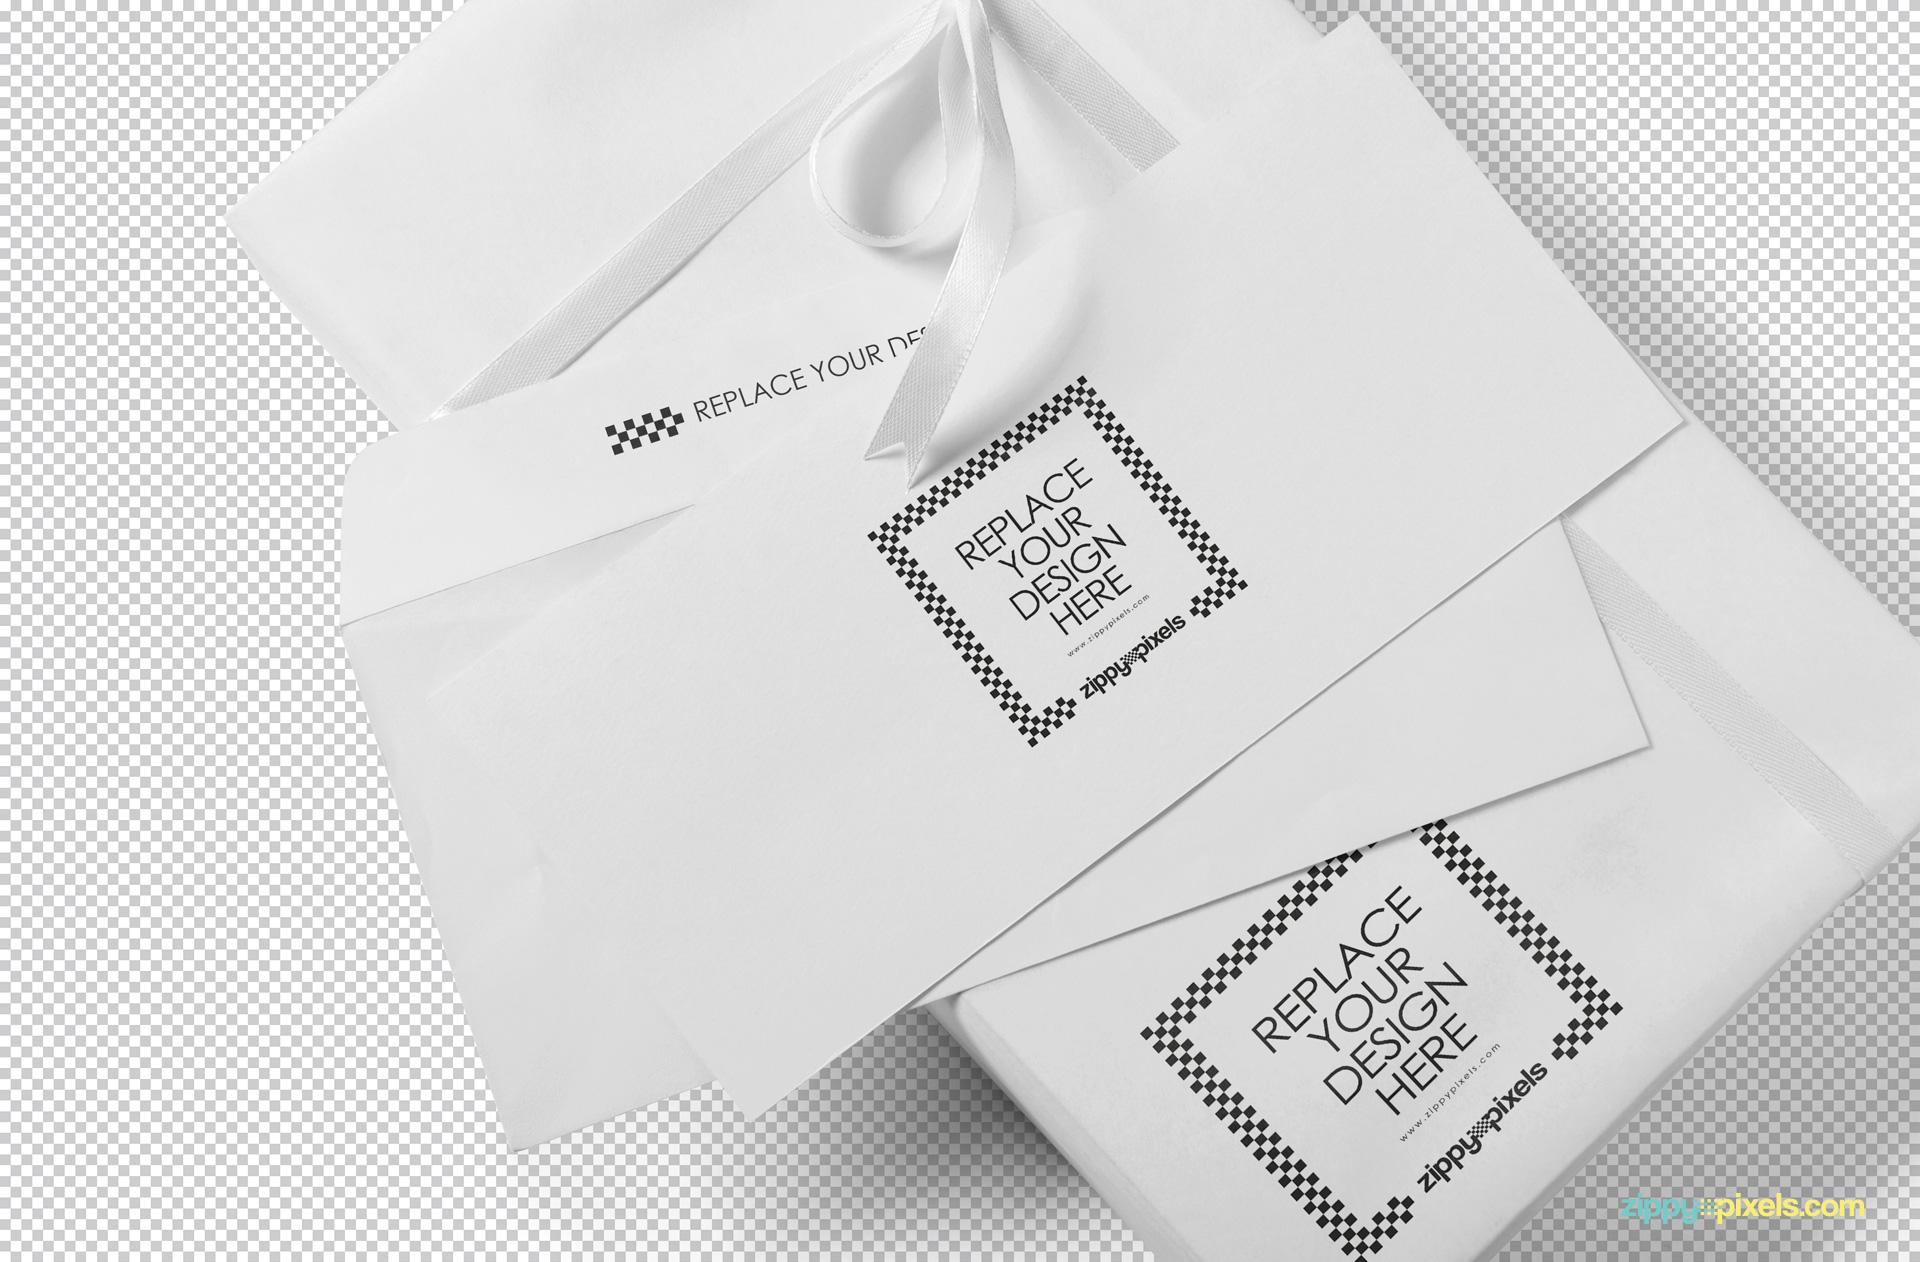 Plain envelope mockup isolated with greyscale background.